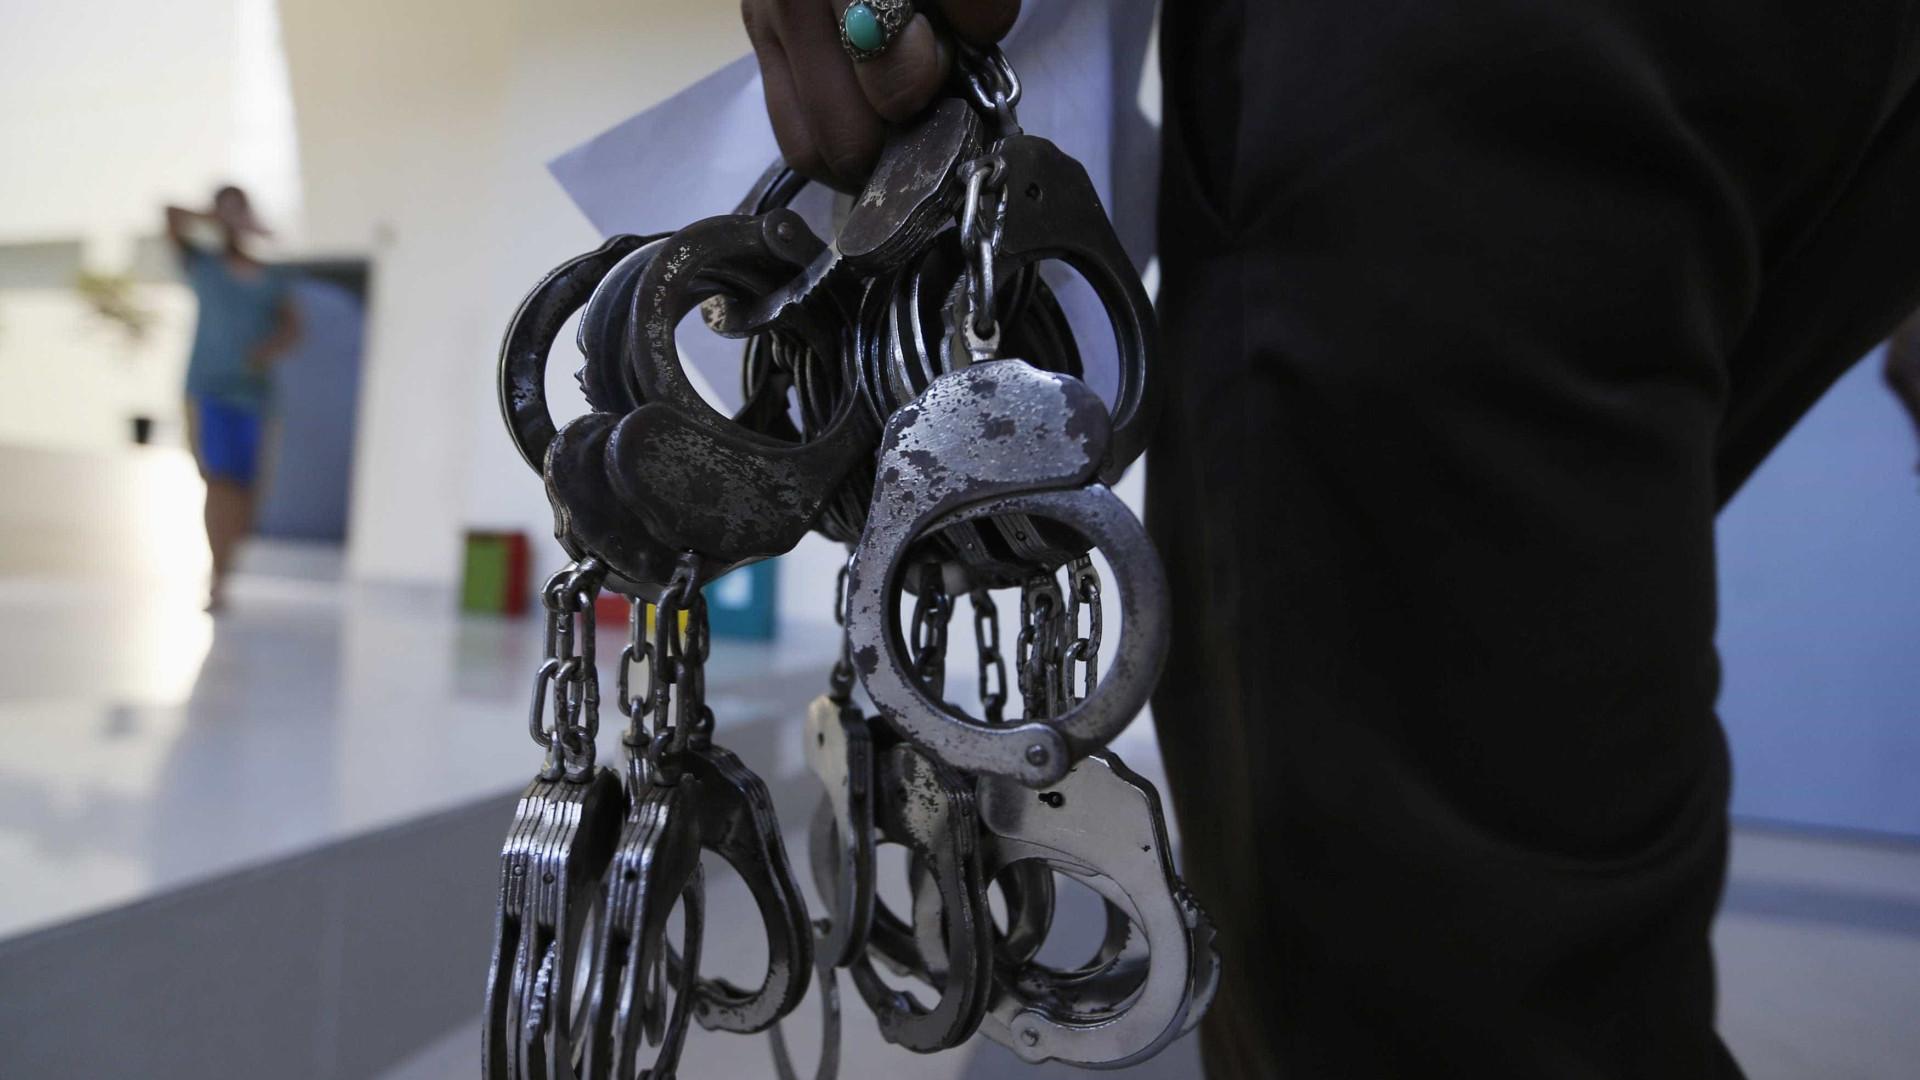 Detidos quatro suspeitos de tráfico de droga no Fundão e no Canhoso